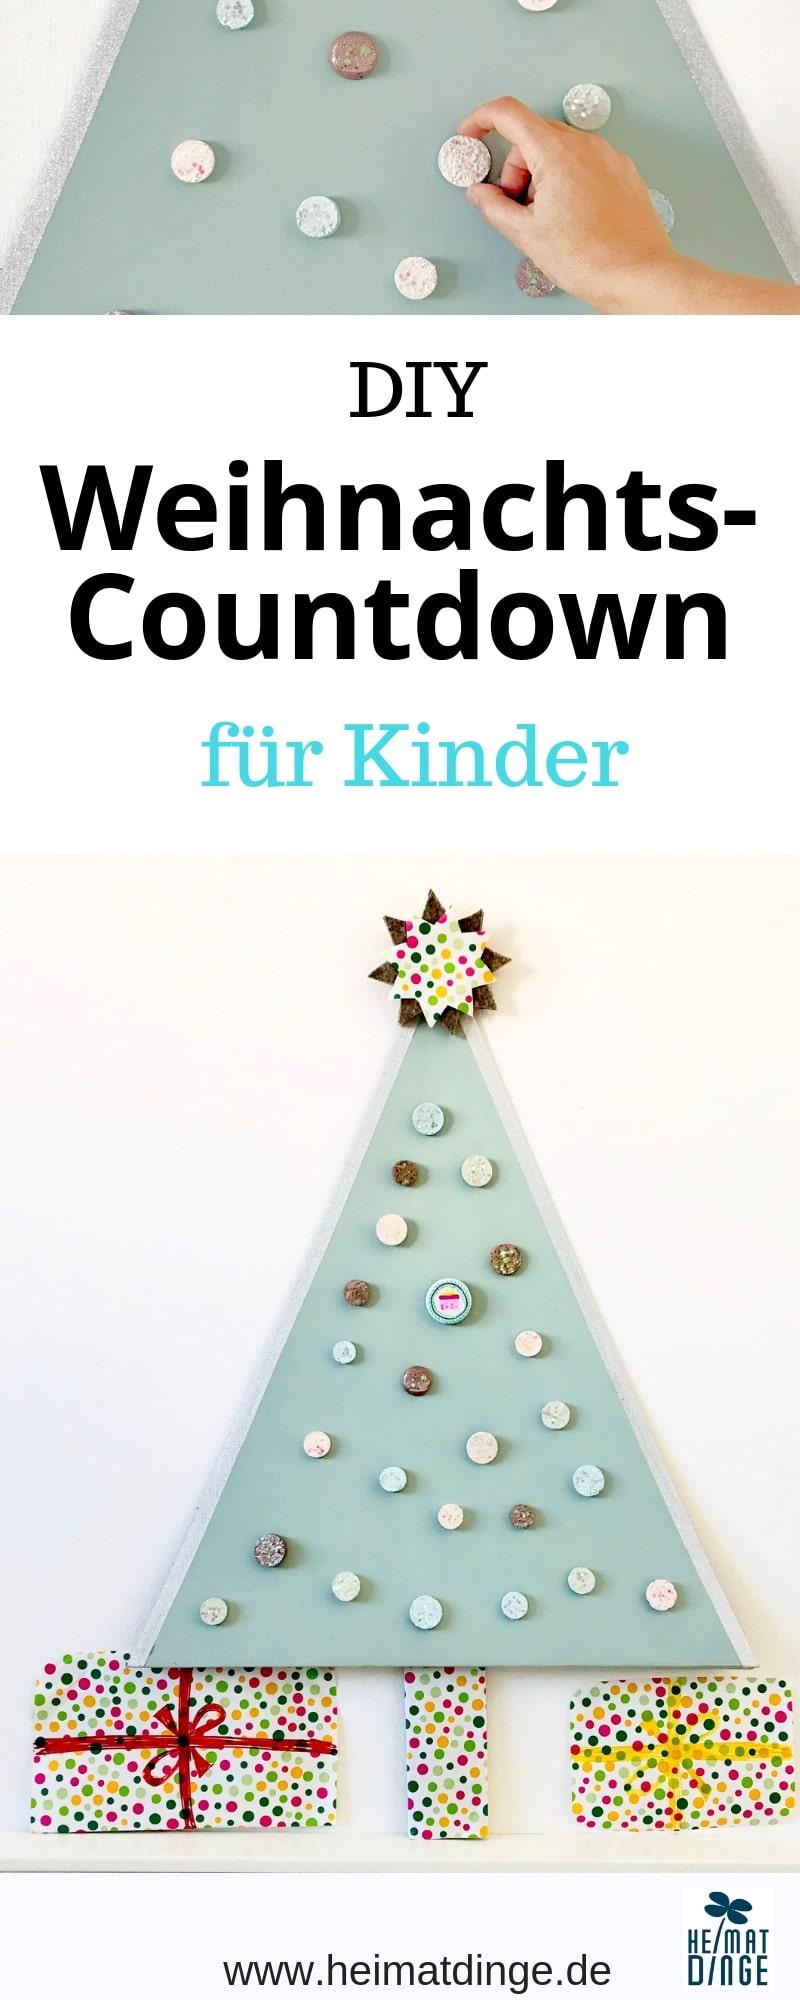 Weihnachten basteln mit Kindern zum Advent, DIY Weihnachts-Countdown, Weihnachtsbaum basteln , Upcylcing